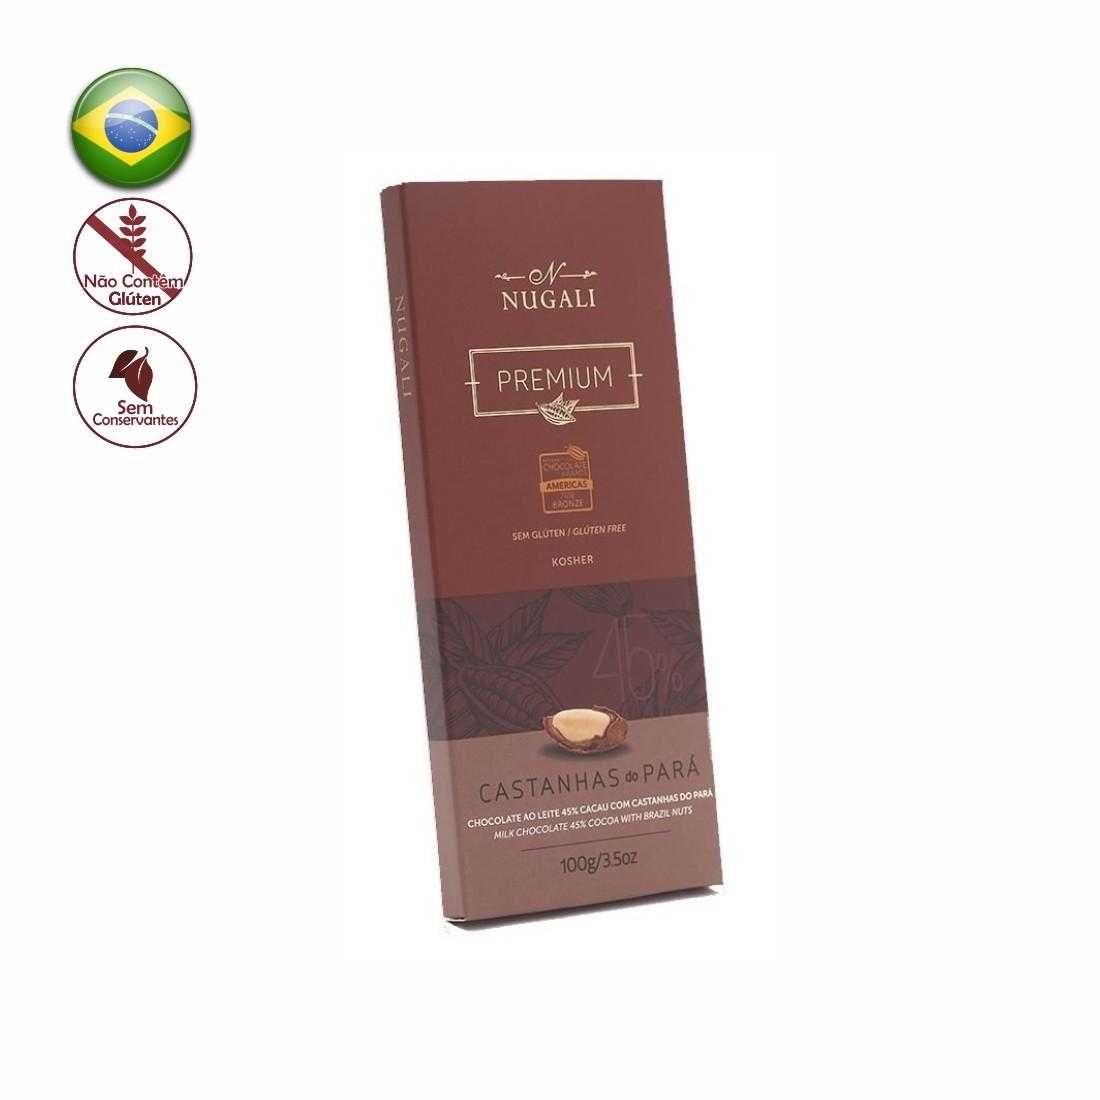 TABLETE NUGALI CHOCOLATE C/ CASTANHAS DO PARA 100G